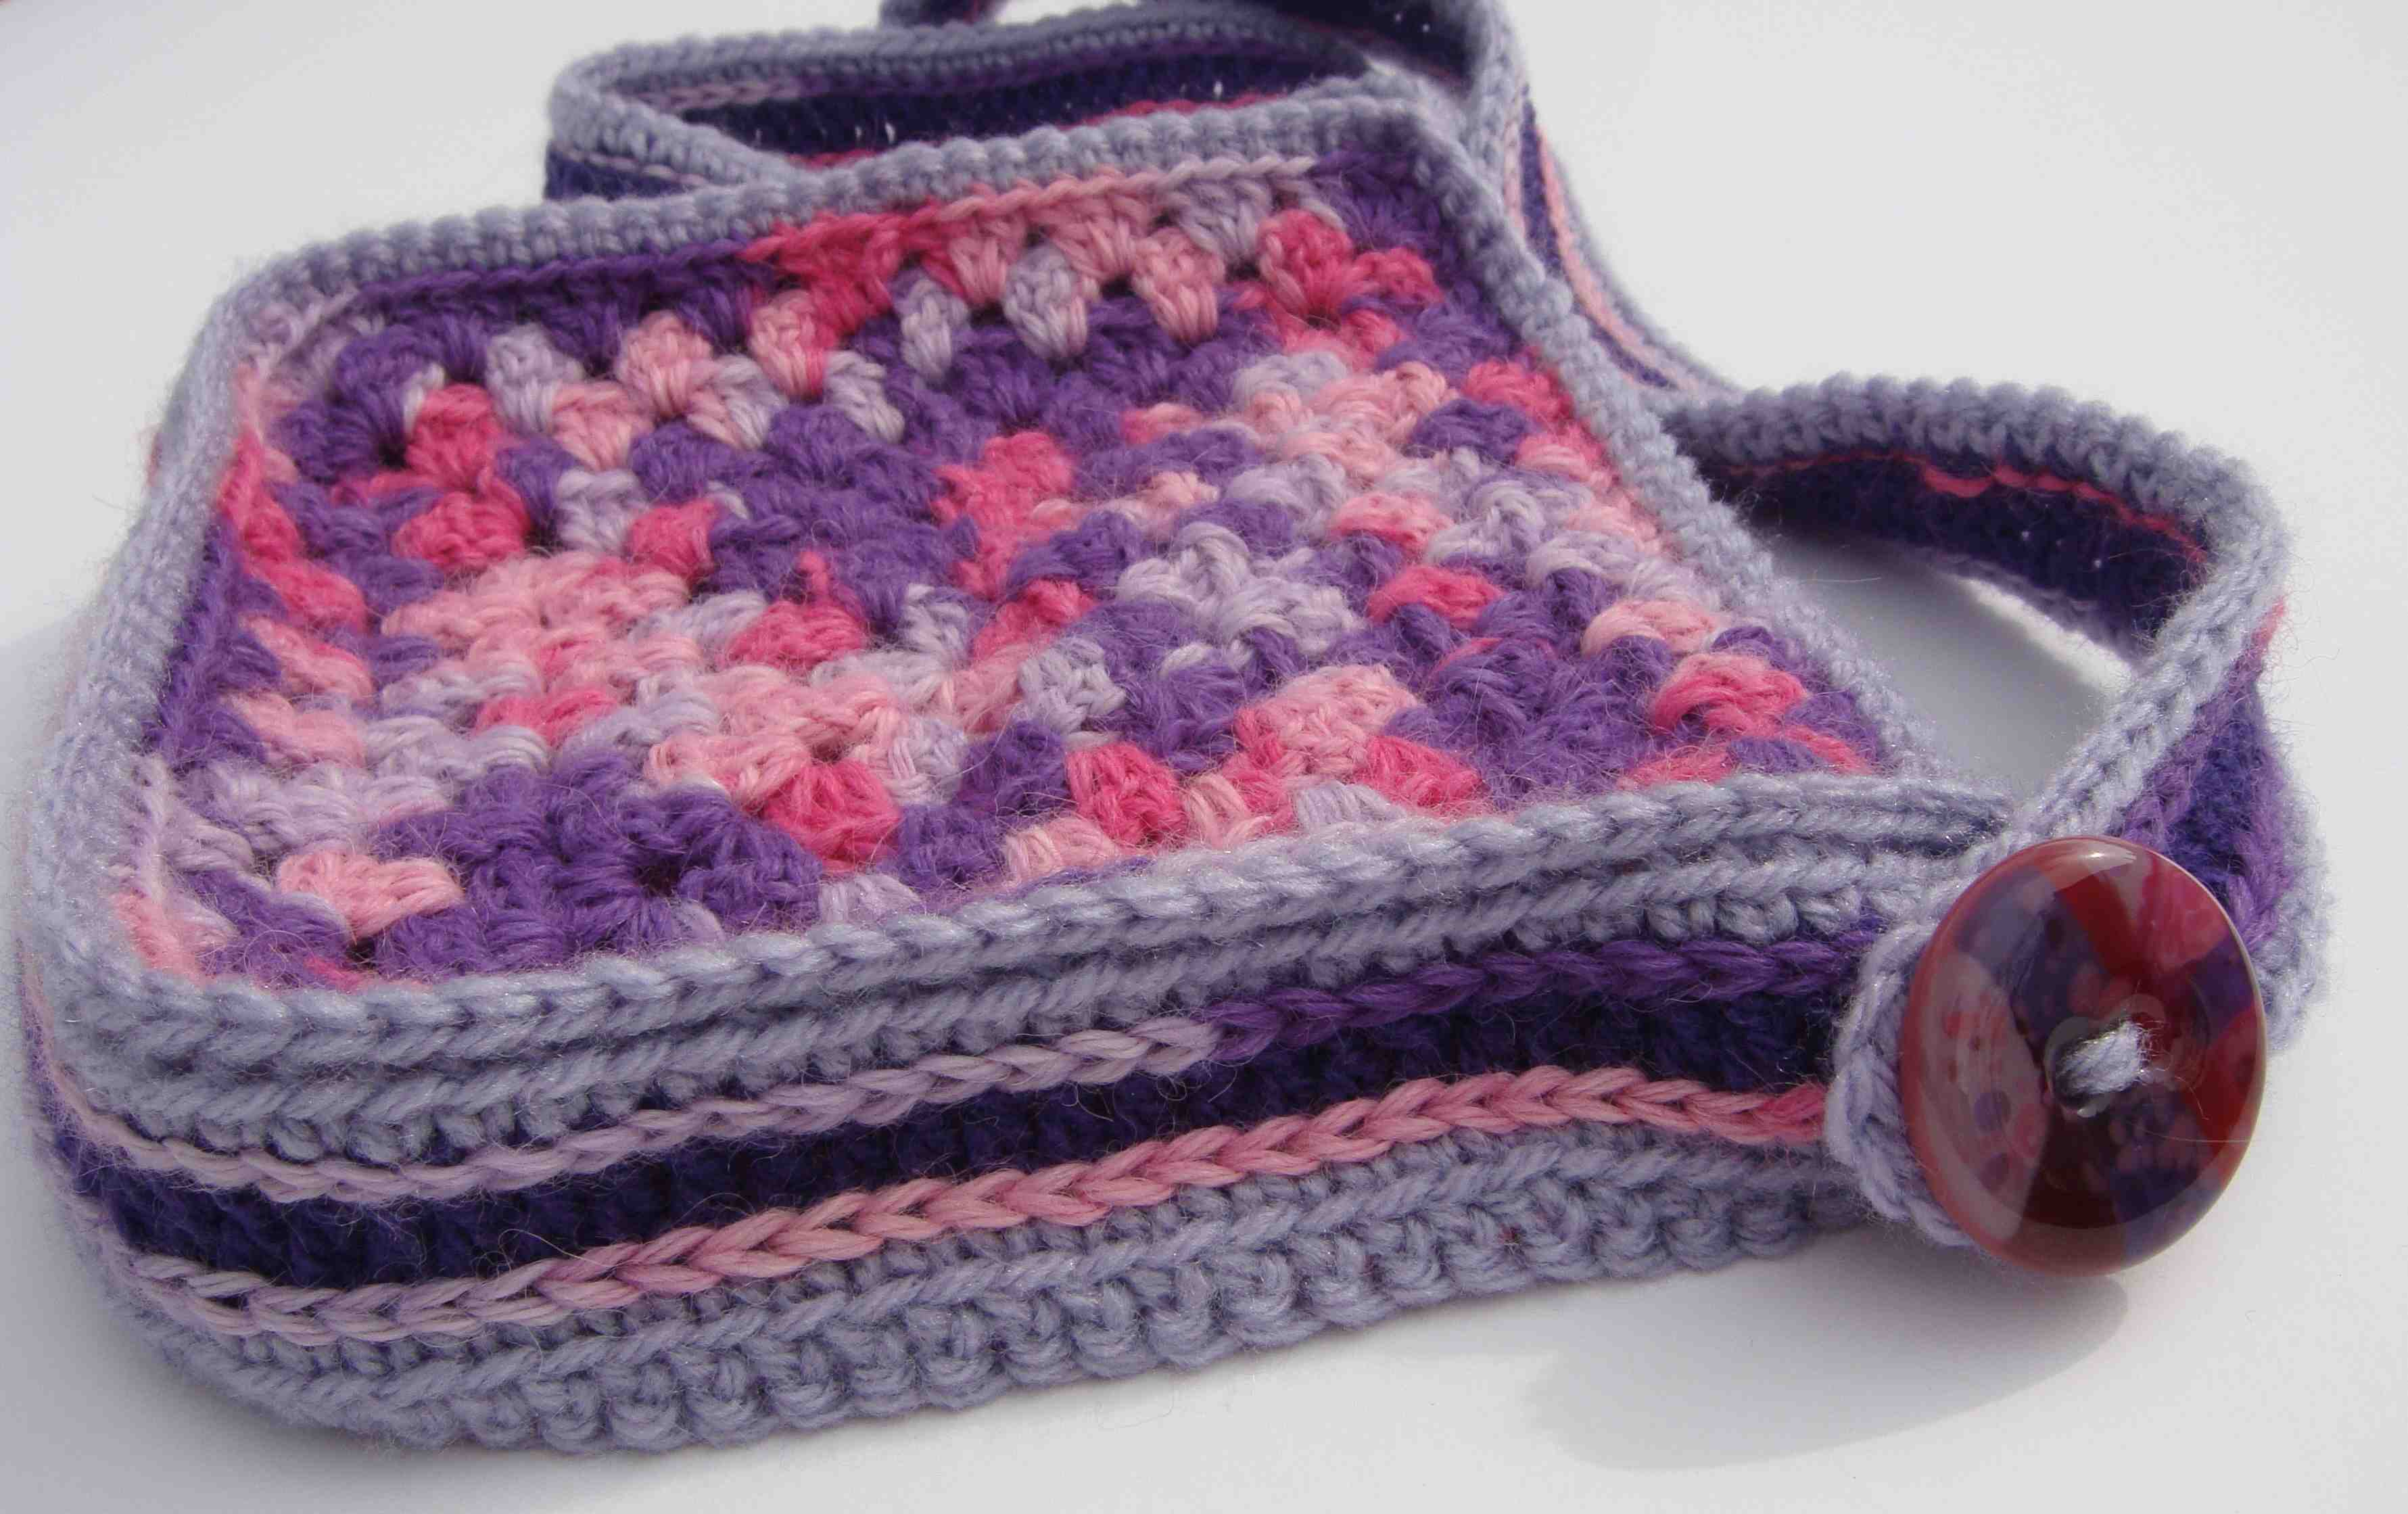 Granny Square Bag : granny square bag - Completeness